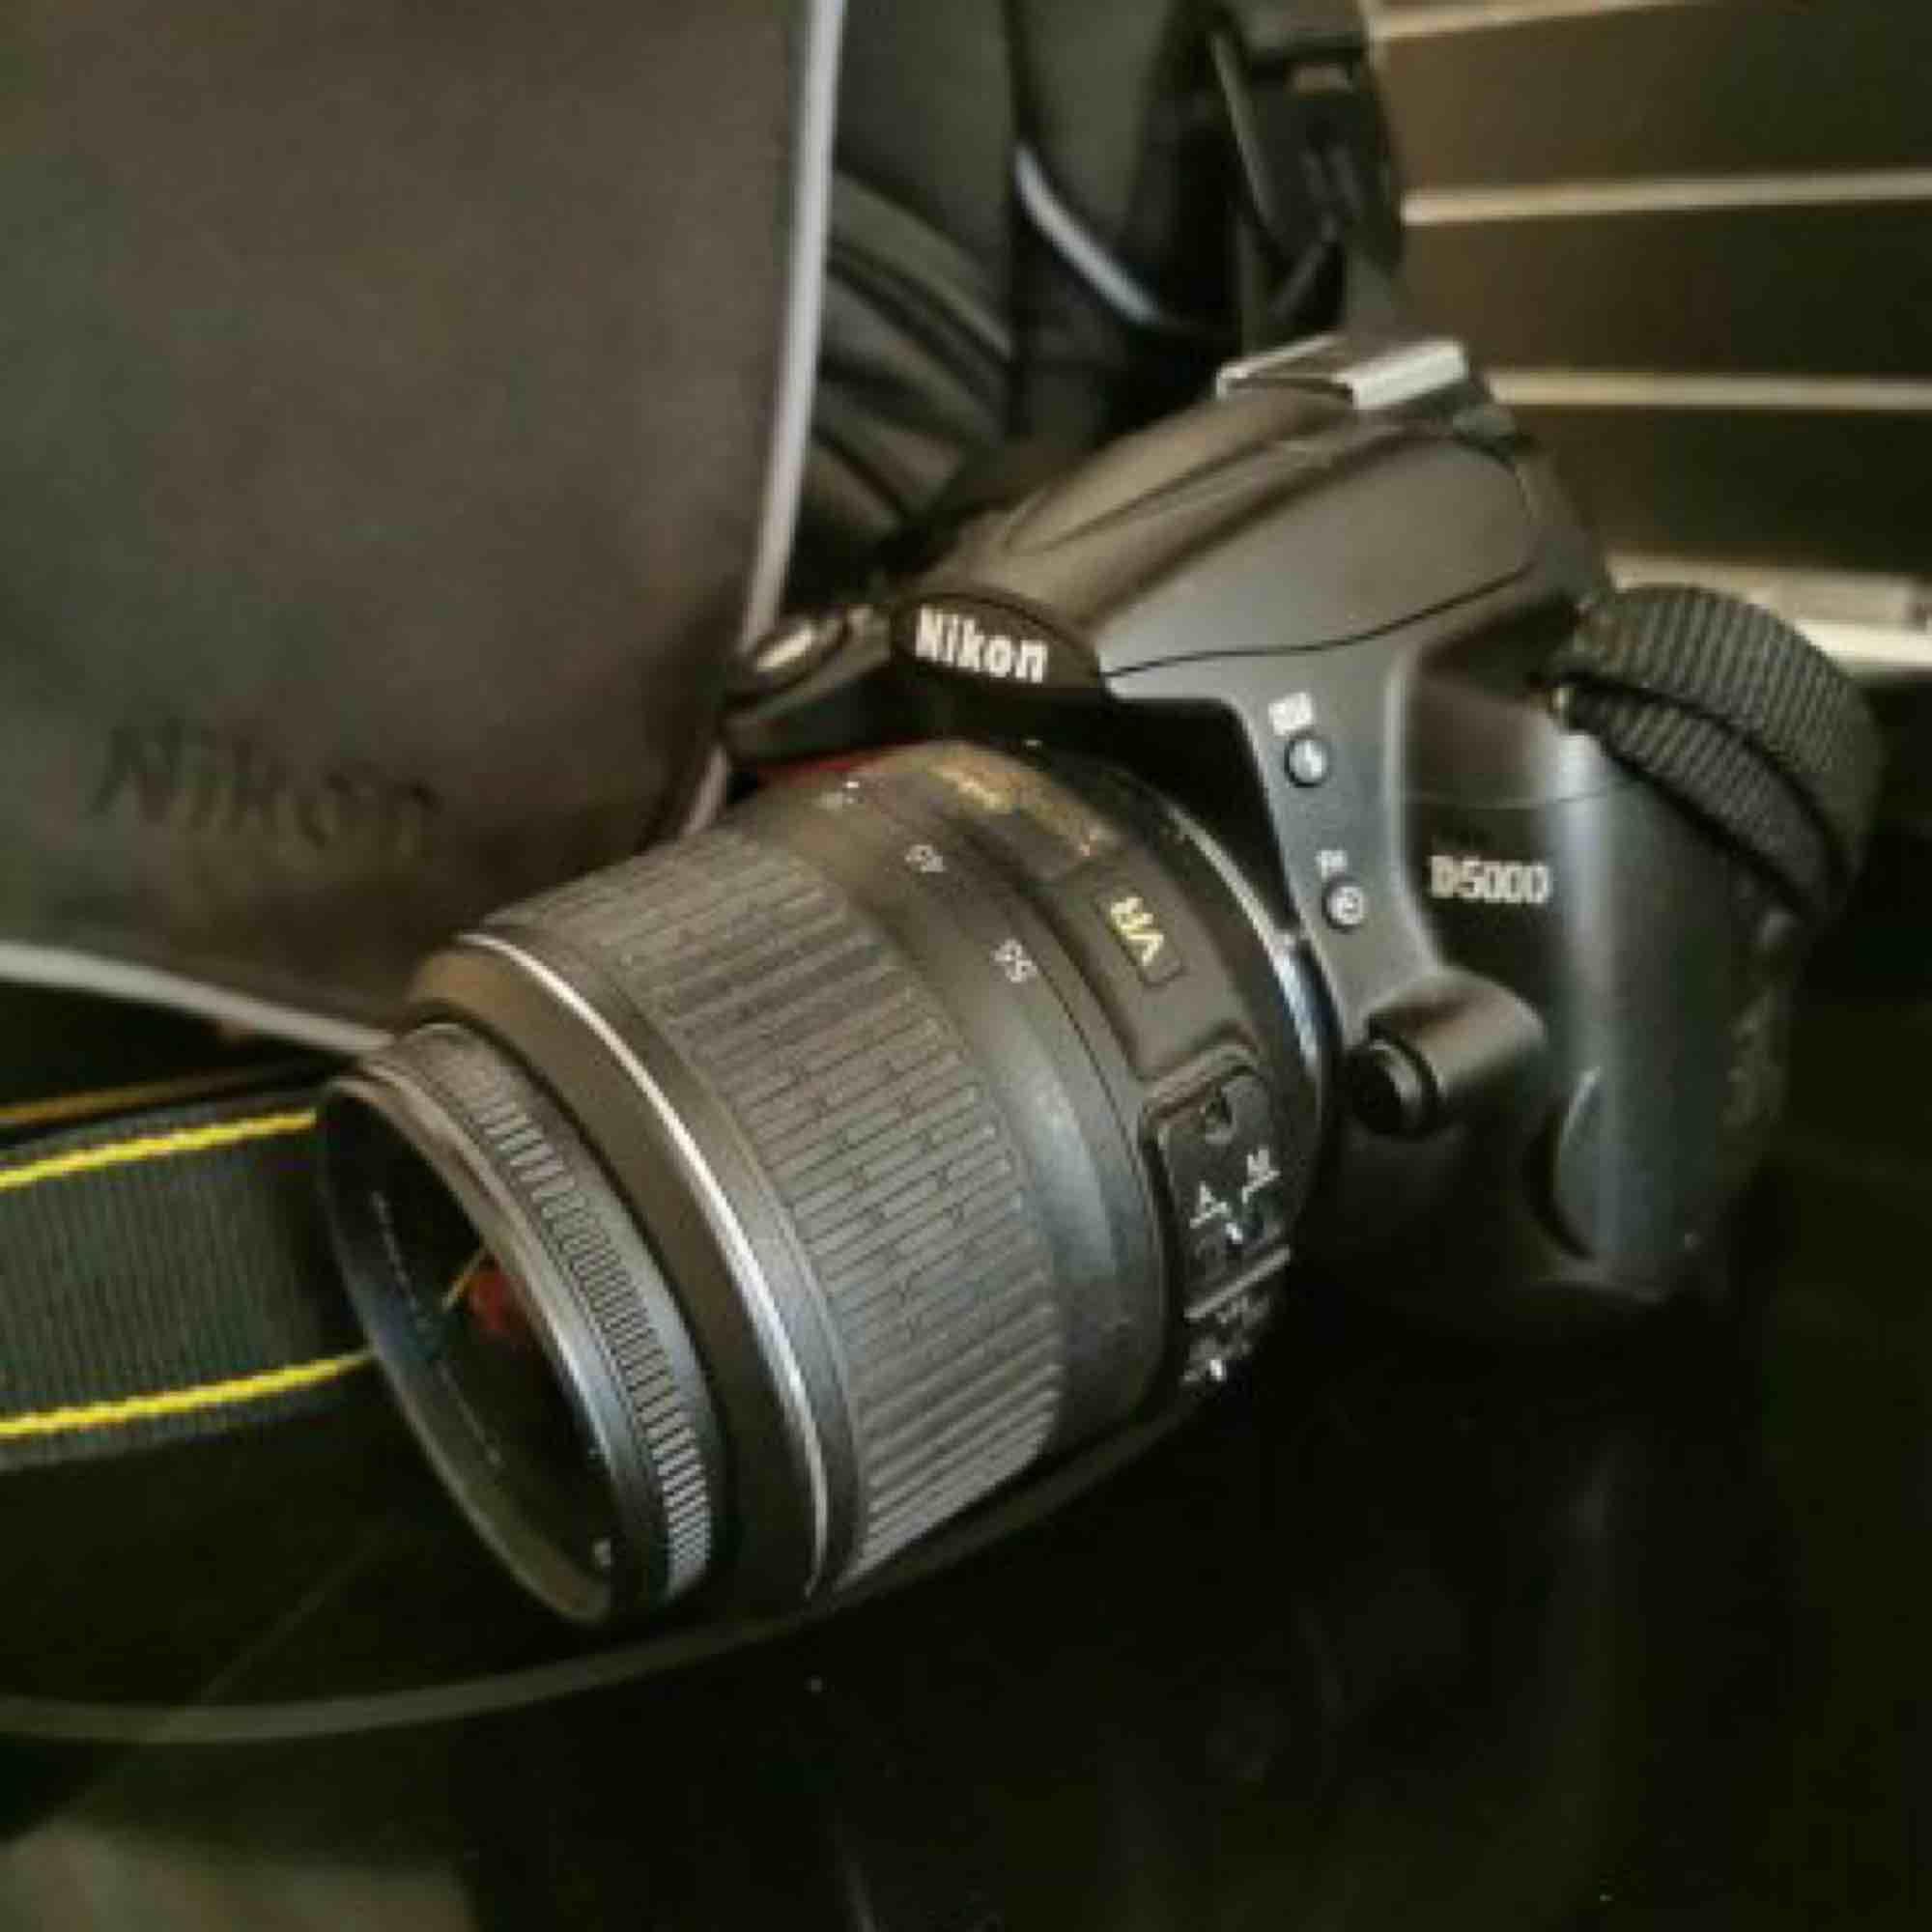 Nikon kamera  Paypal eller swish vid betalning. Övrigt.